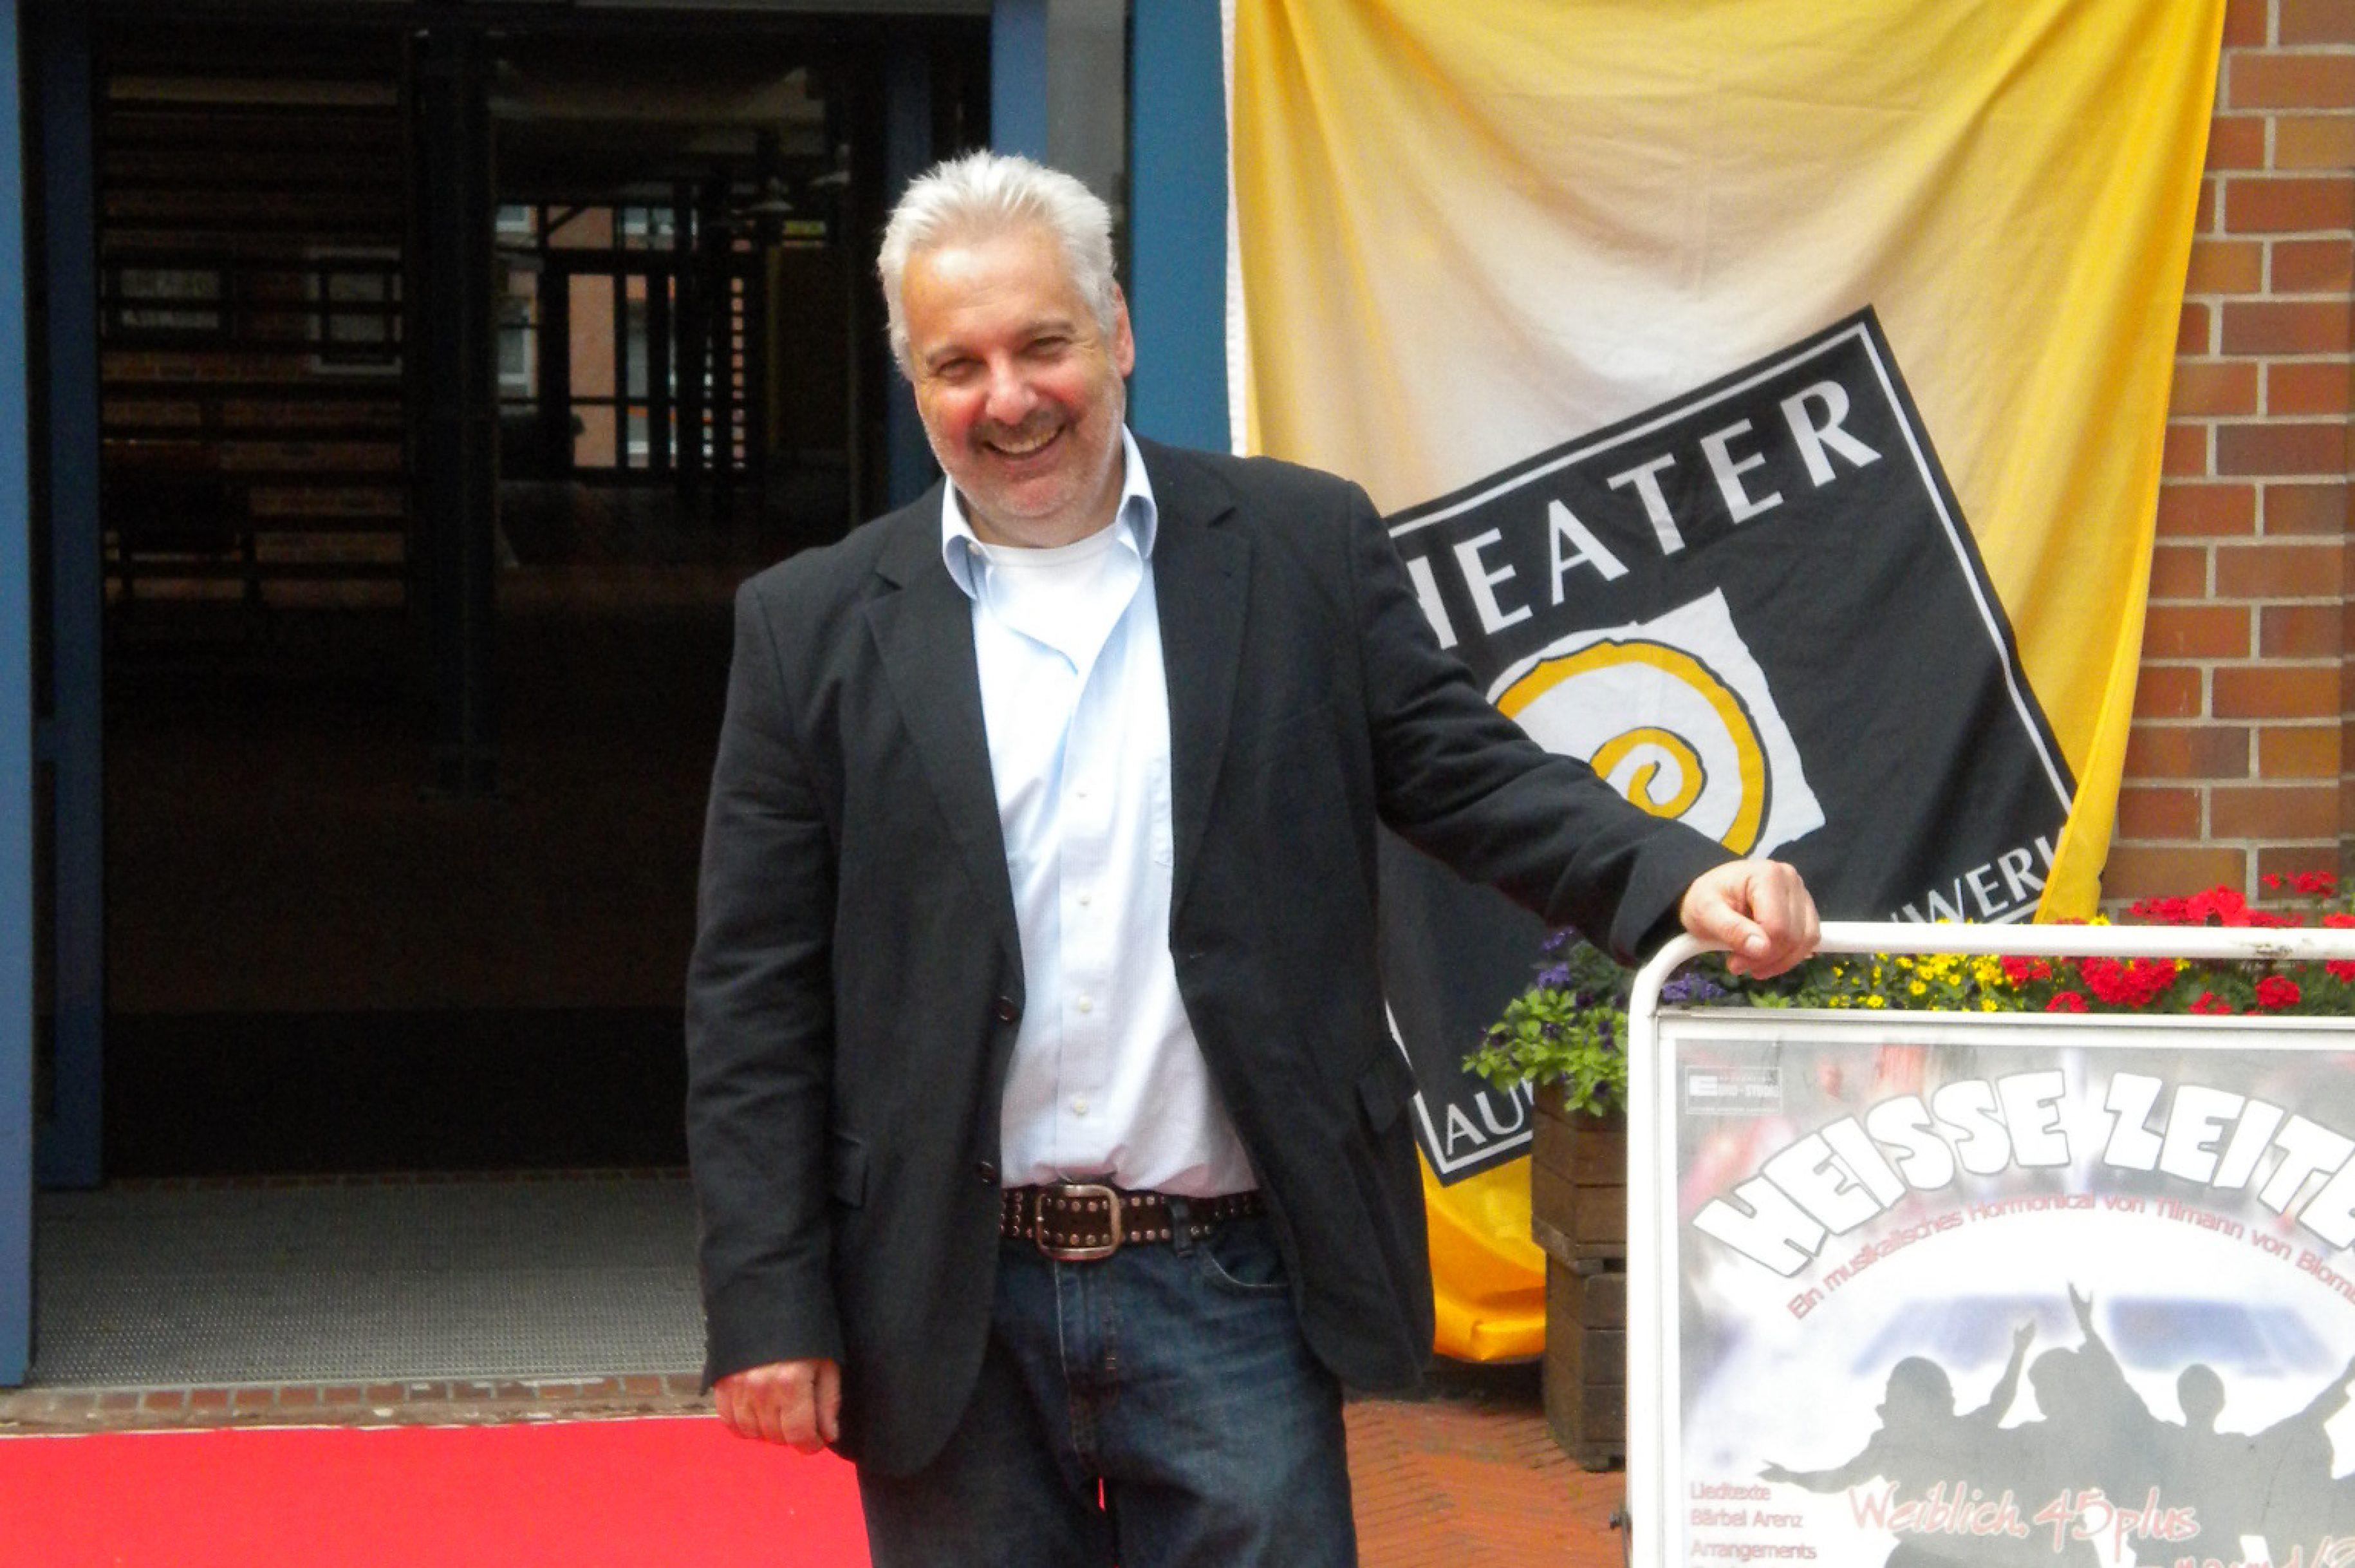 Startschuss zum freien Kartenverkauf im Nienburger Theater